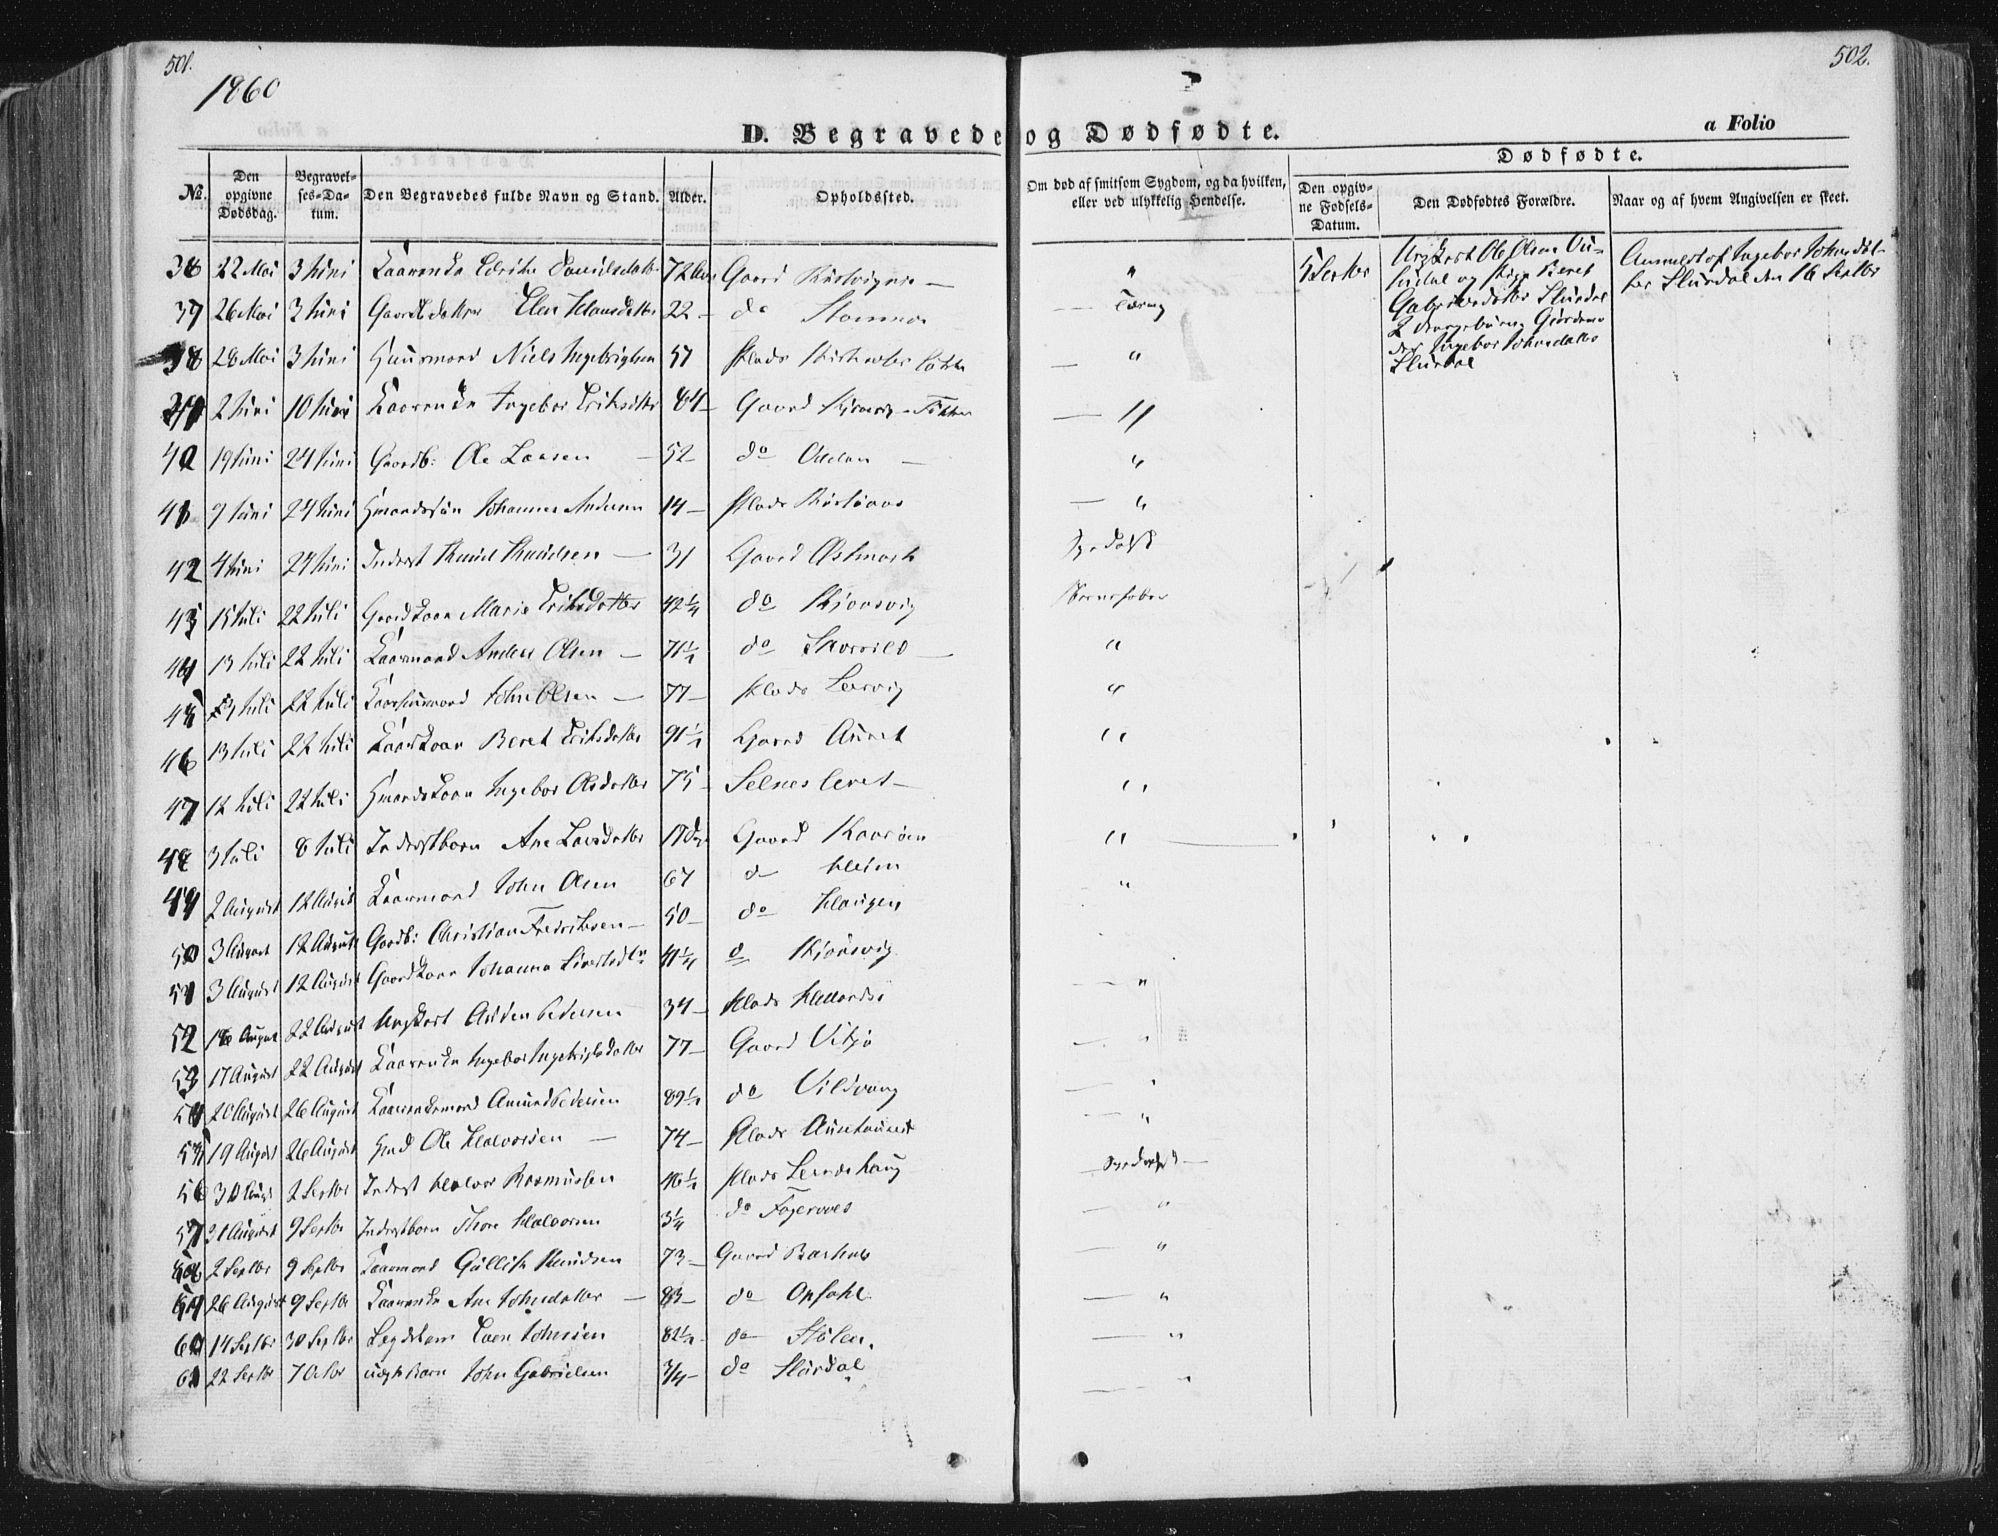 SAT, Ministerialprotokoller, klokkerbøker og fødselsregistre - Sør-Trøndelag, 630/L0494: Ministerialbok nr. 630A07, 1852-1868, s. 501-502